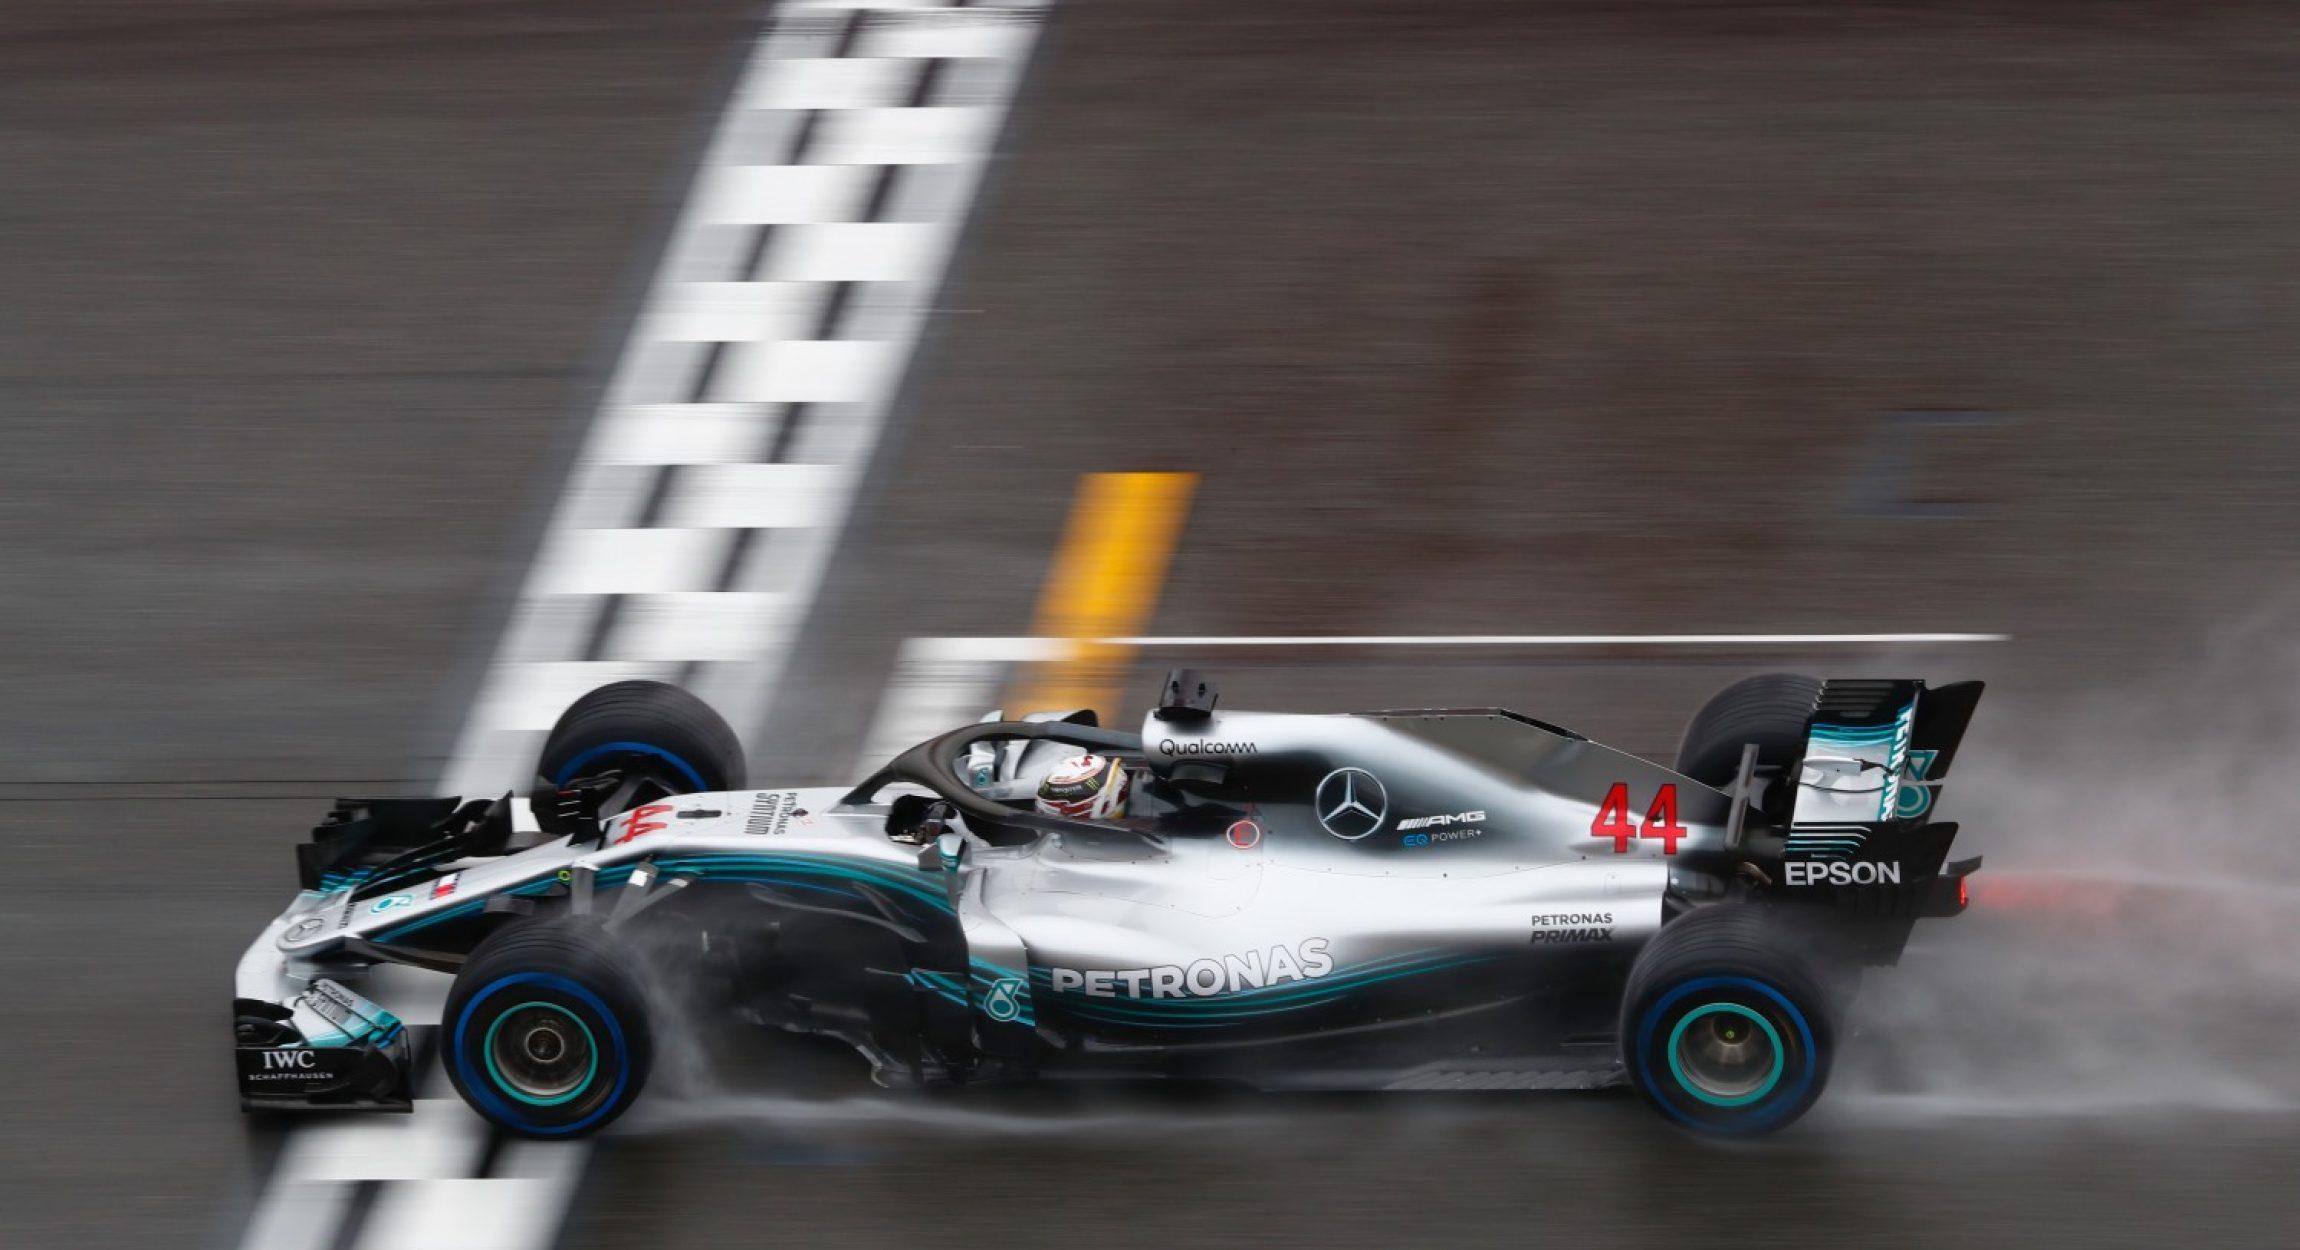 2018 Großer Preis von Deutschland, Samstag - Wolfgang Wilhelm Lewis Hamilton Mercedes wet